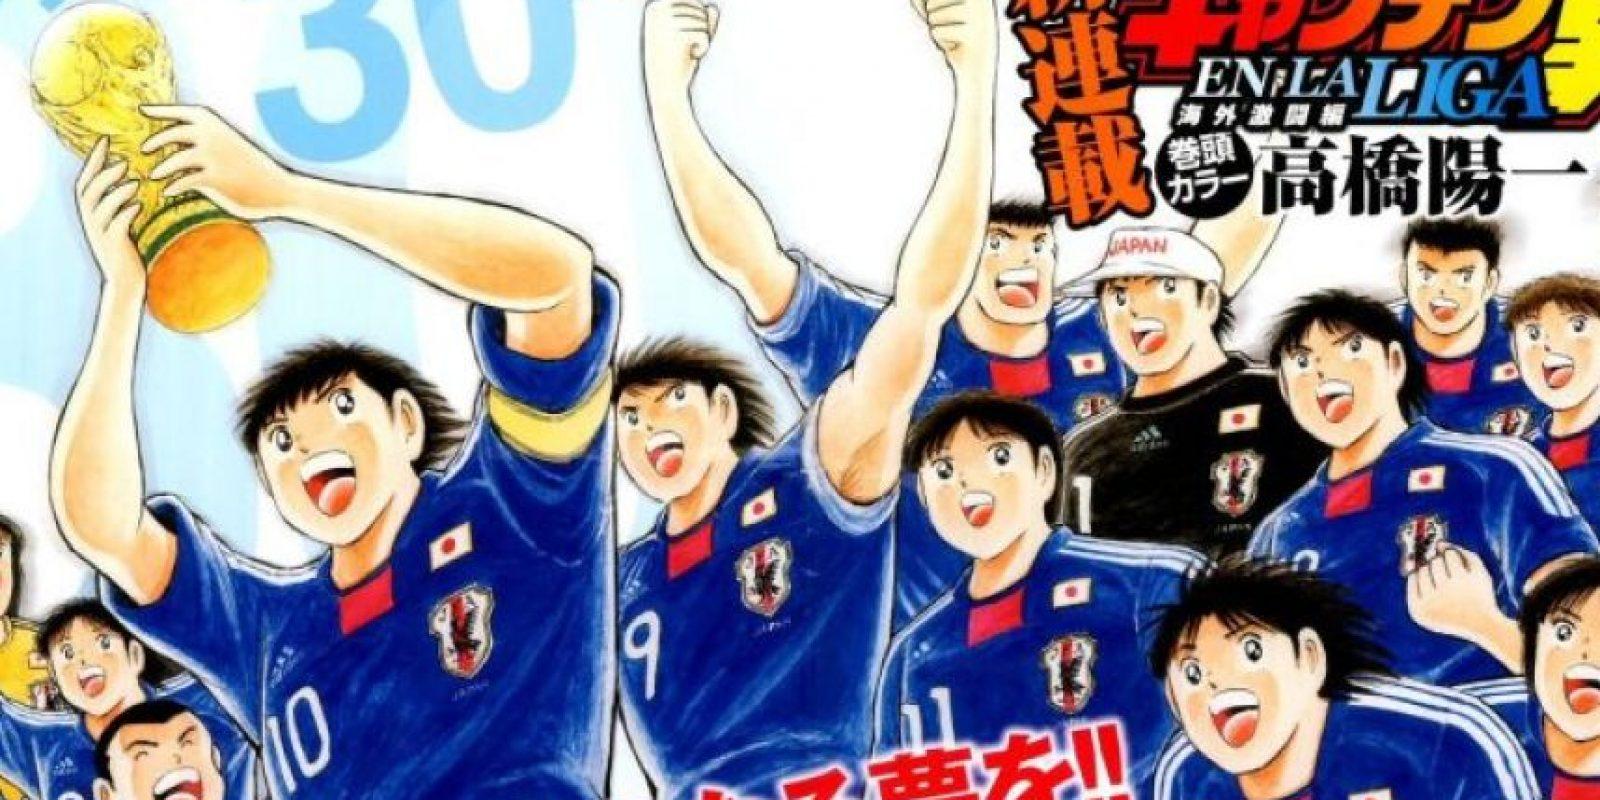 Este manga solo tiene dos tomos y está publicado desde 2013. Foto:vía Shueisha